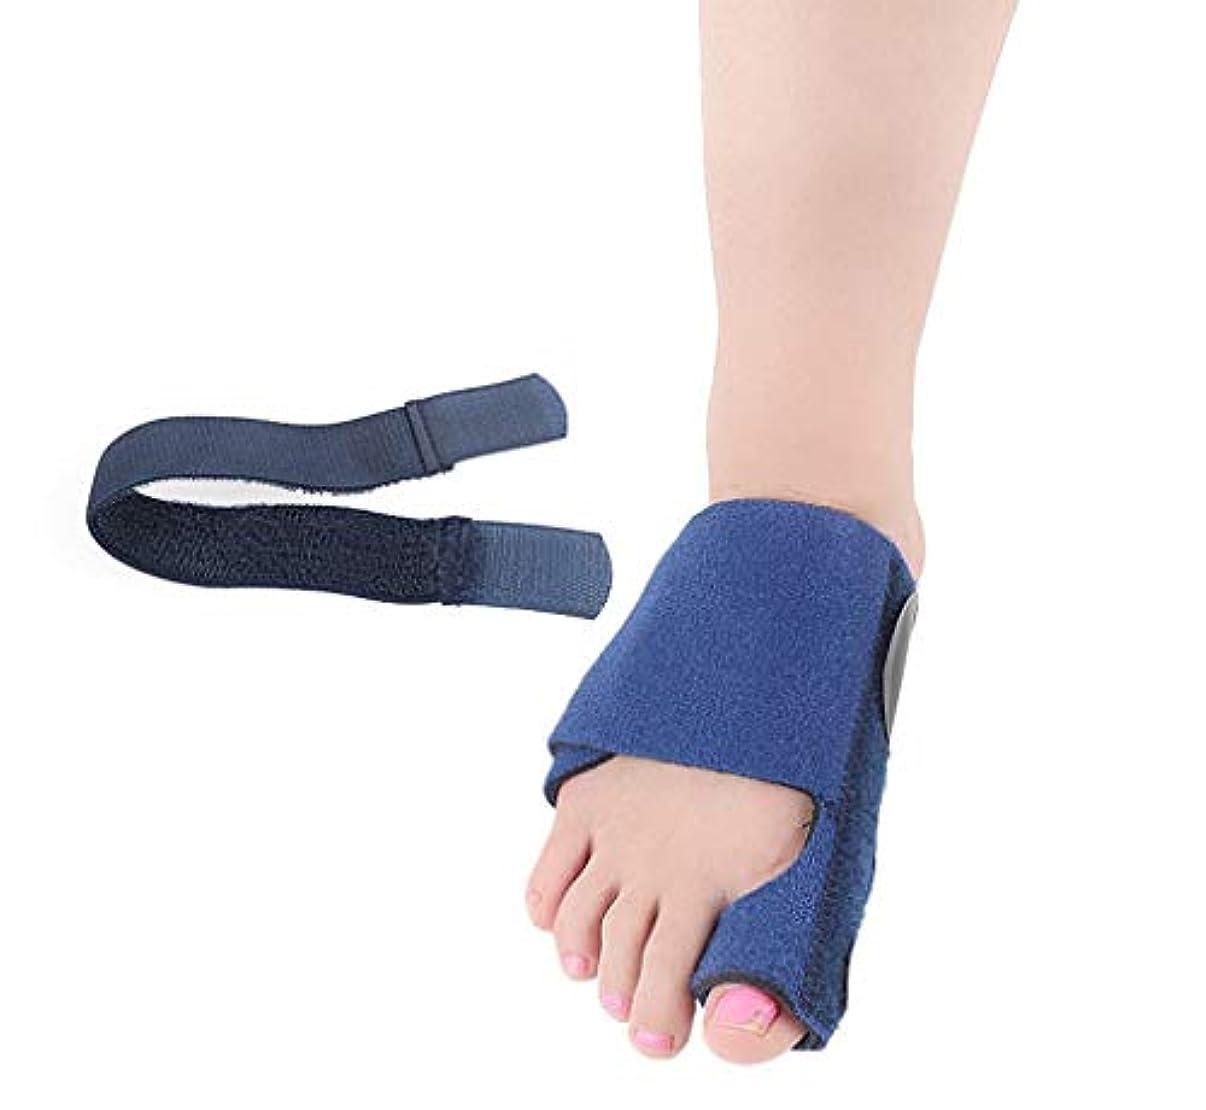 バイバイライナー急ぐバニオンコレクター  - 整形外科用足首矯正ビッグトゥストレートナー - 外反母趾パッド用副木ブレース、関節痛の緩和、アライメント治療 - 整形外科用スリーブフットラップ